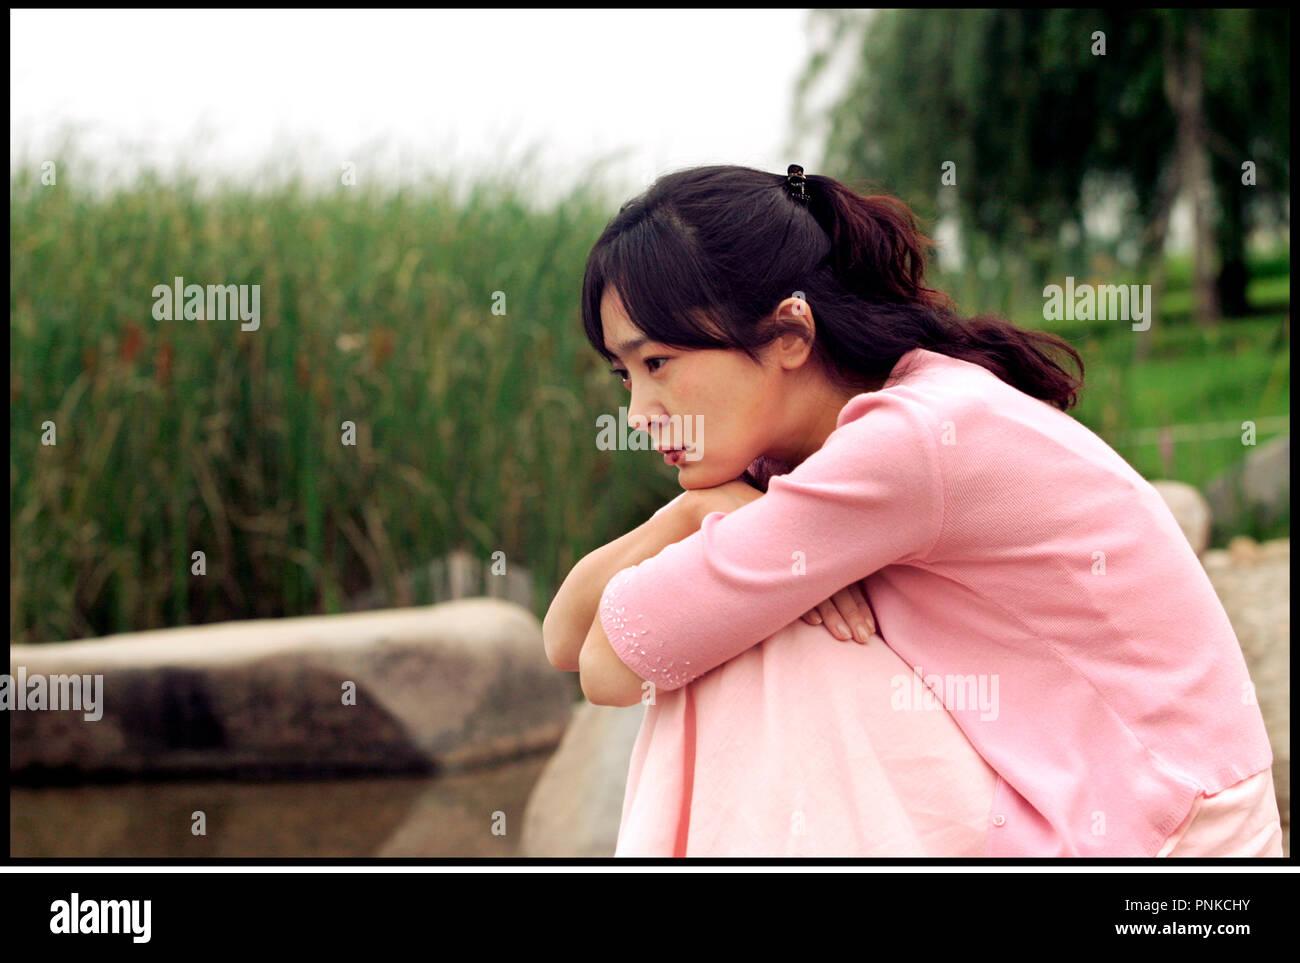 Ki-yeon Kim Nude Photos 20